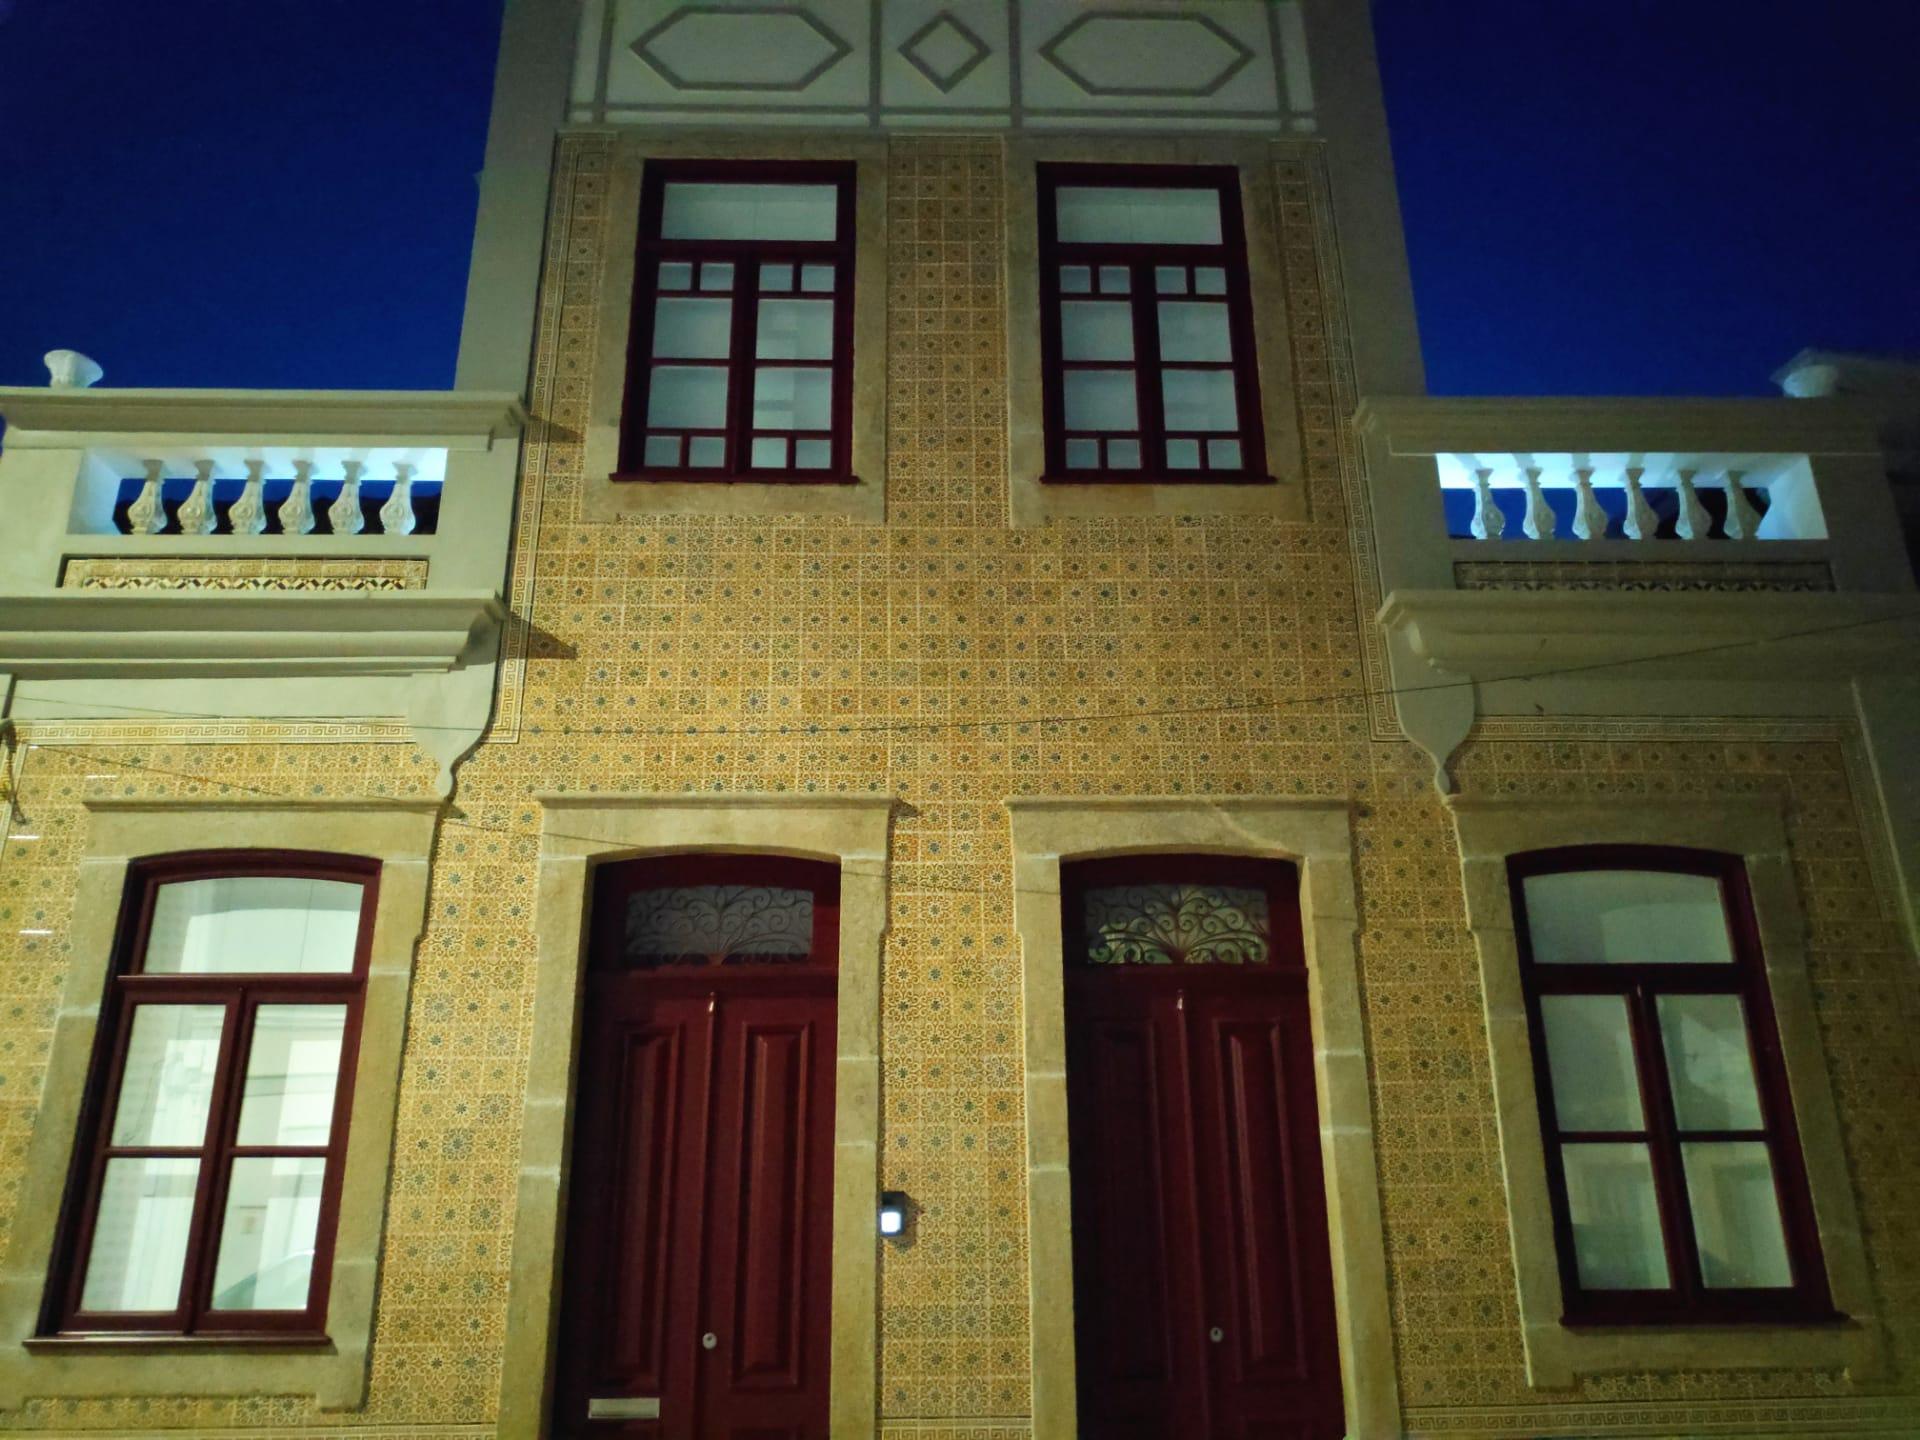 Fachada da Casa Francês, após restauro dos azulejos, colocação de novas portas e janelas em madeira.